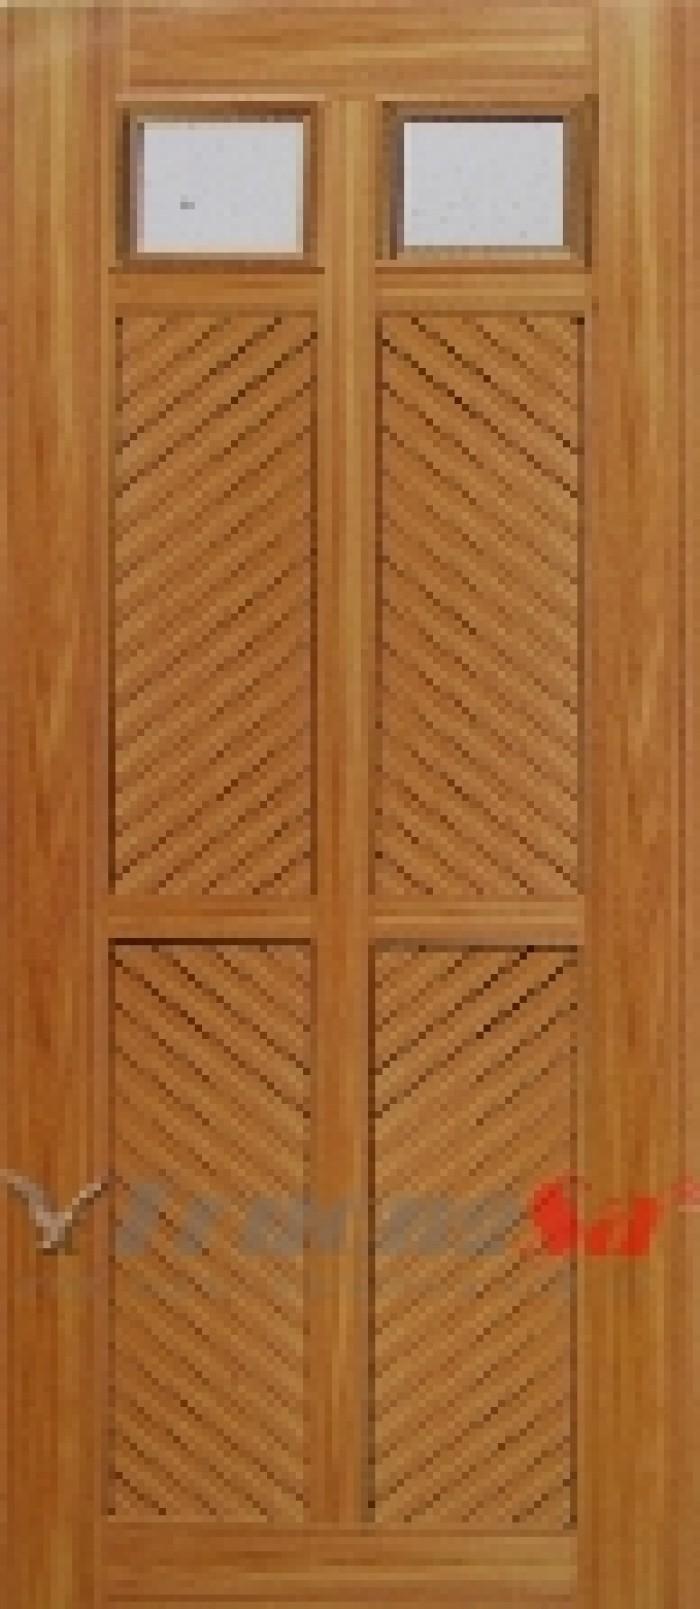 Giá trọn bộ: Cánh + khung bao + phủ vân gỗ hoàn thiện  Kích thước chuẩn: 80 x 210 hoặc 90 x 220cm Hoặc sản xuất theo kích thước yêu cầu.4